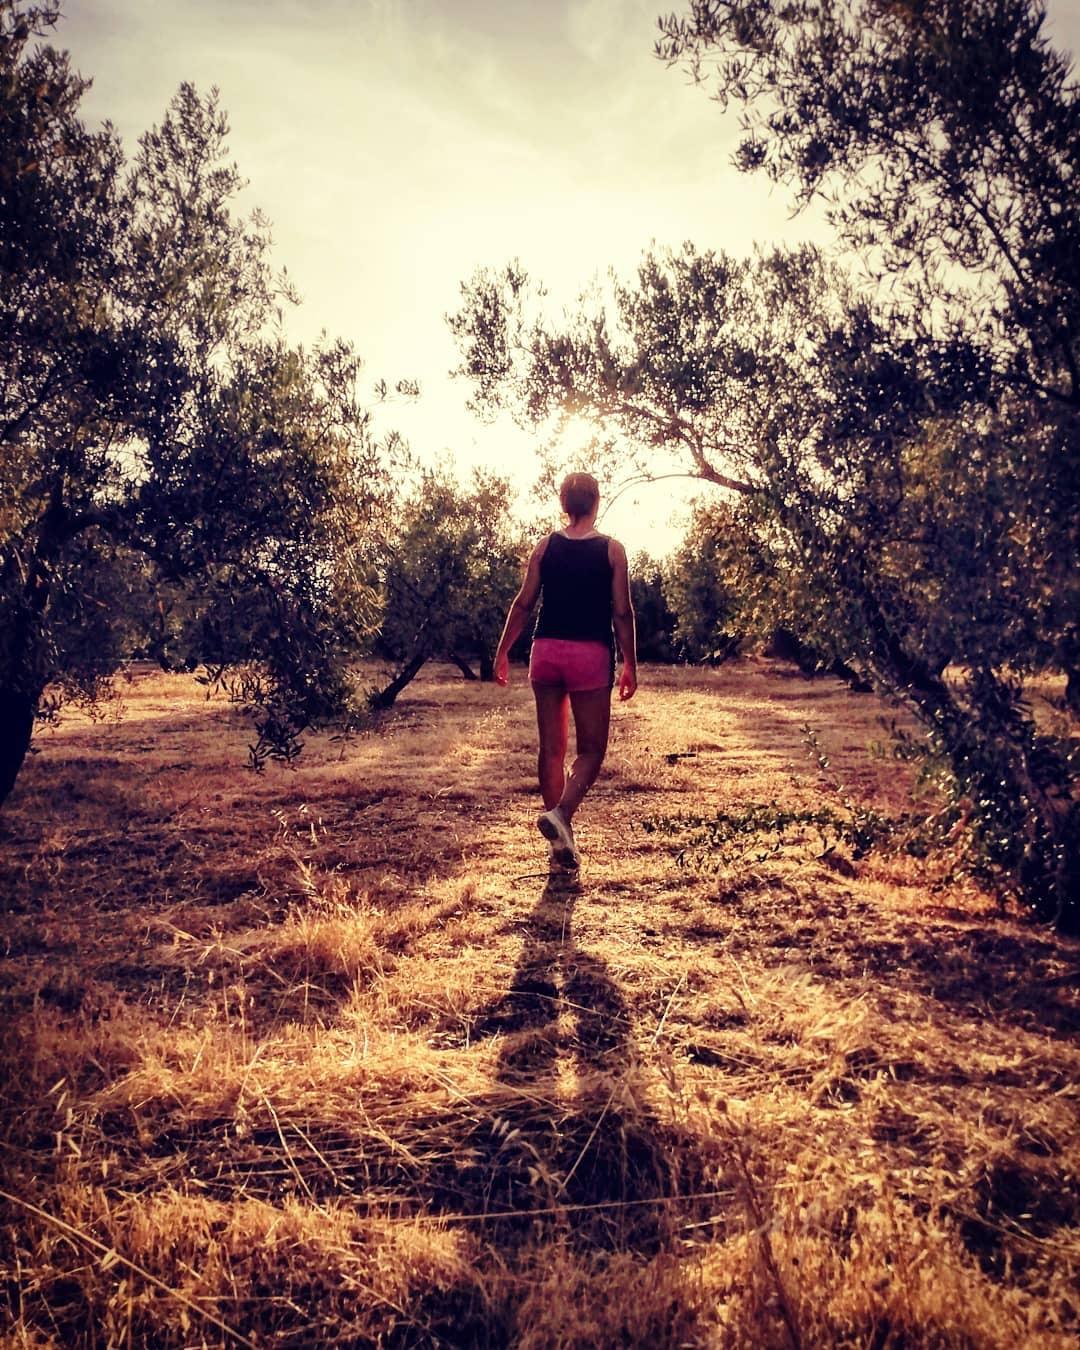 albrt crts   Perdre't entre oliveres, com qui és perd per un somni de mitjanit… Els teus orígens m'han portat a un nou caminar, i fan de guia del meu despertar… Un dia vem ser aquí…